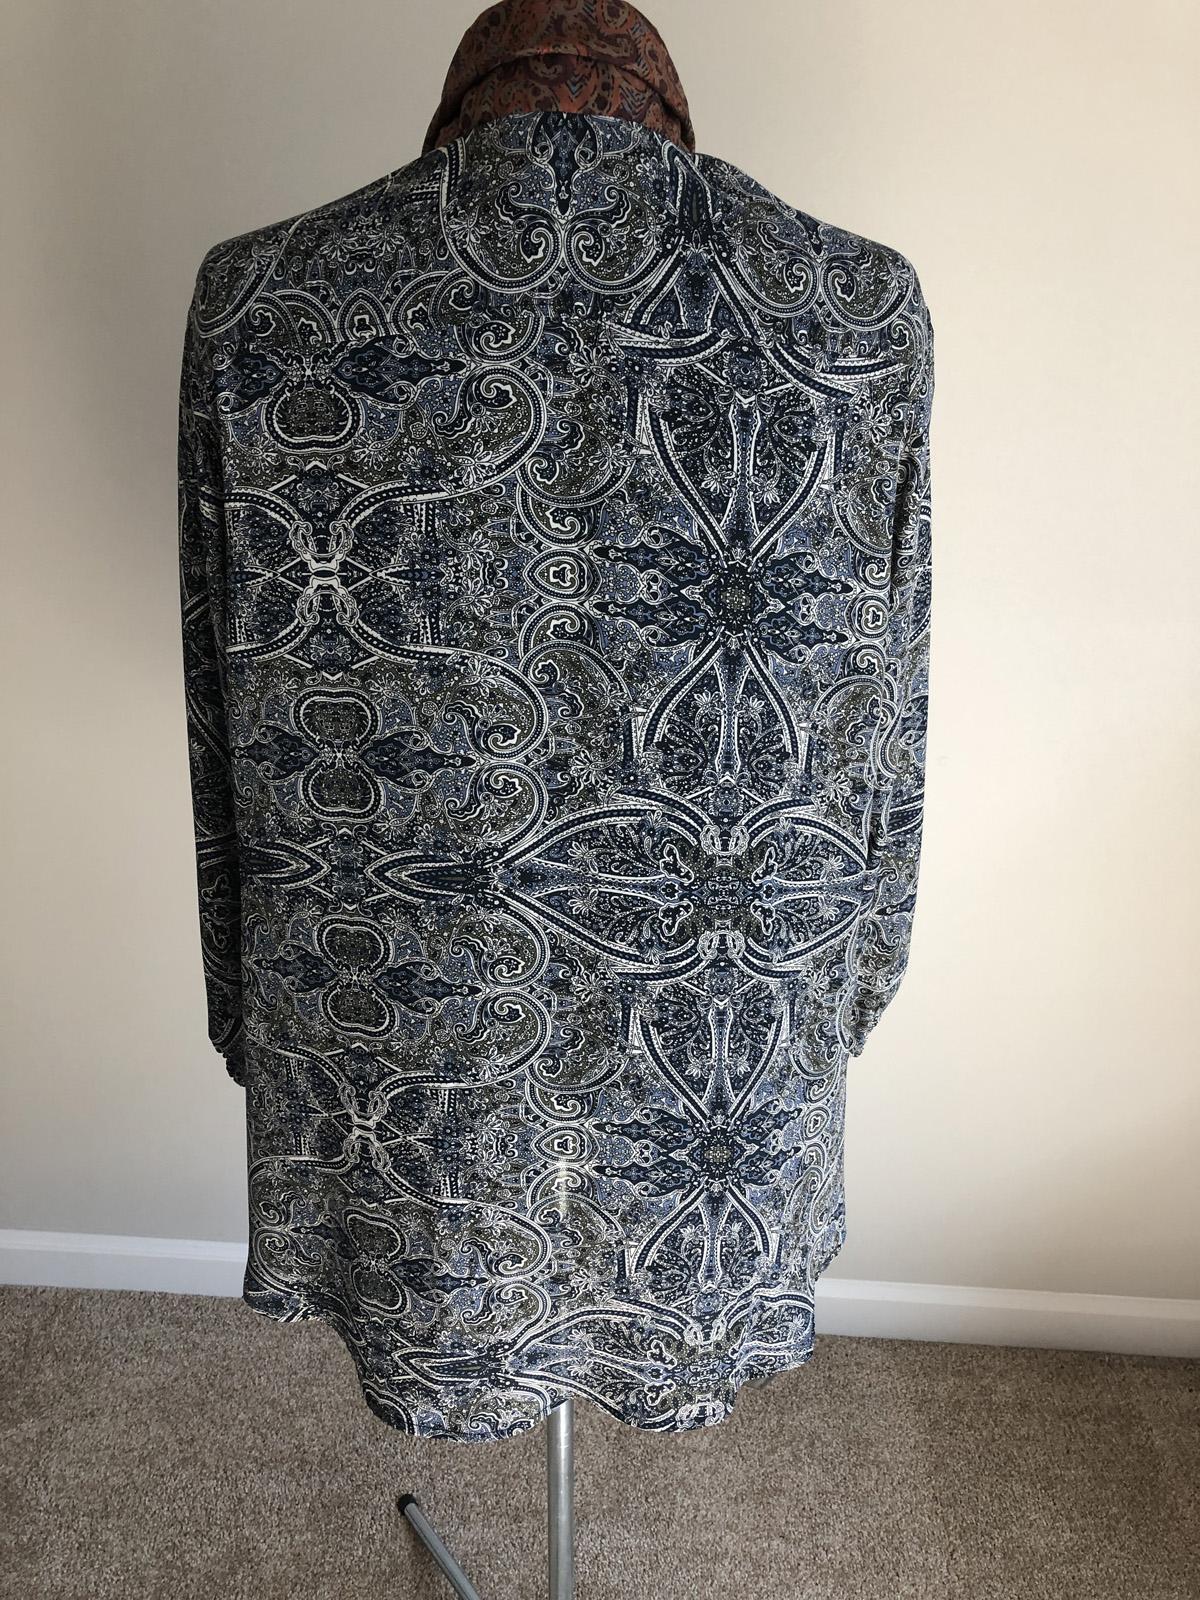 Finished upcycled paisley blouse back